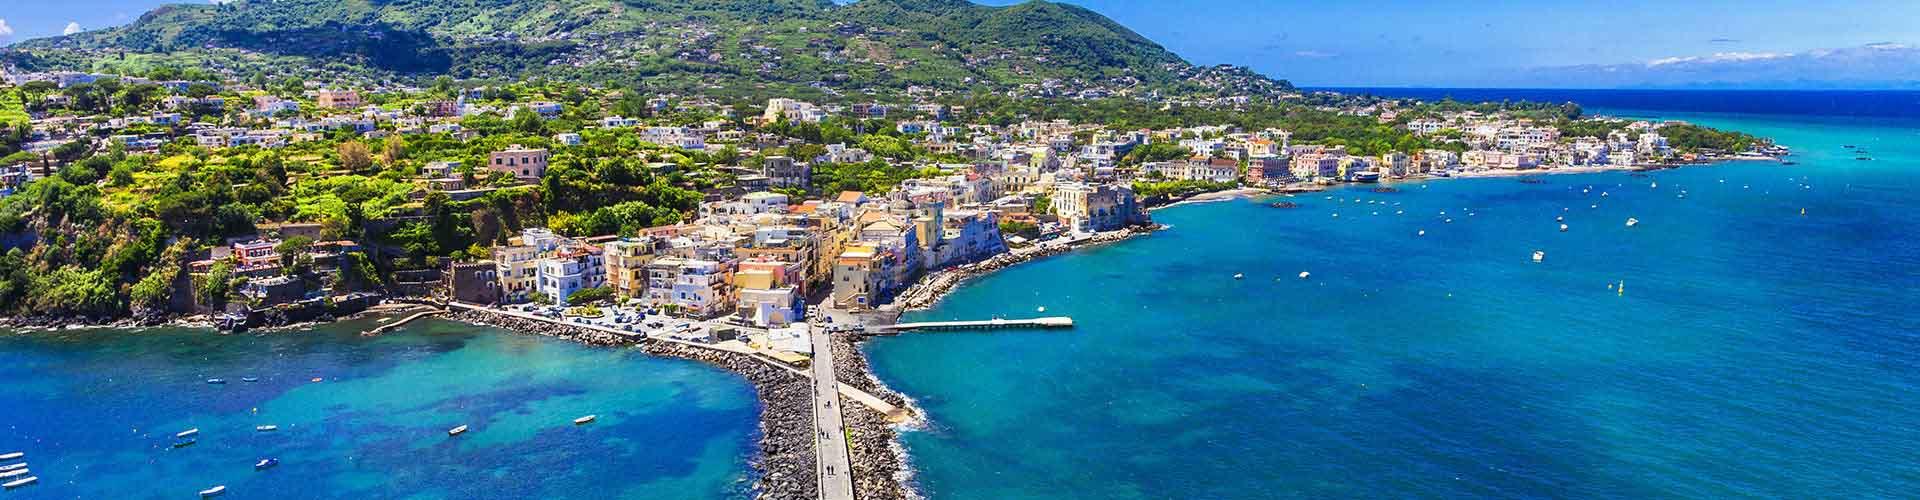 Ischia - Hôtels à Ischia. Cartes pour Ischia, photos et commentaires pour chaque hôtel à Ischia.